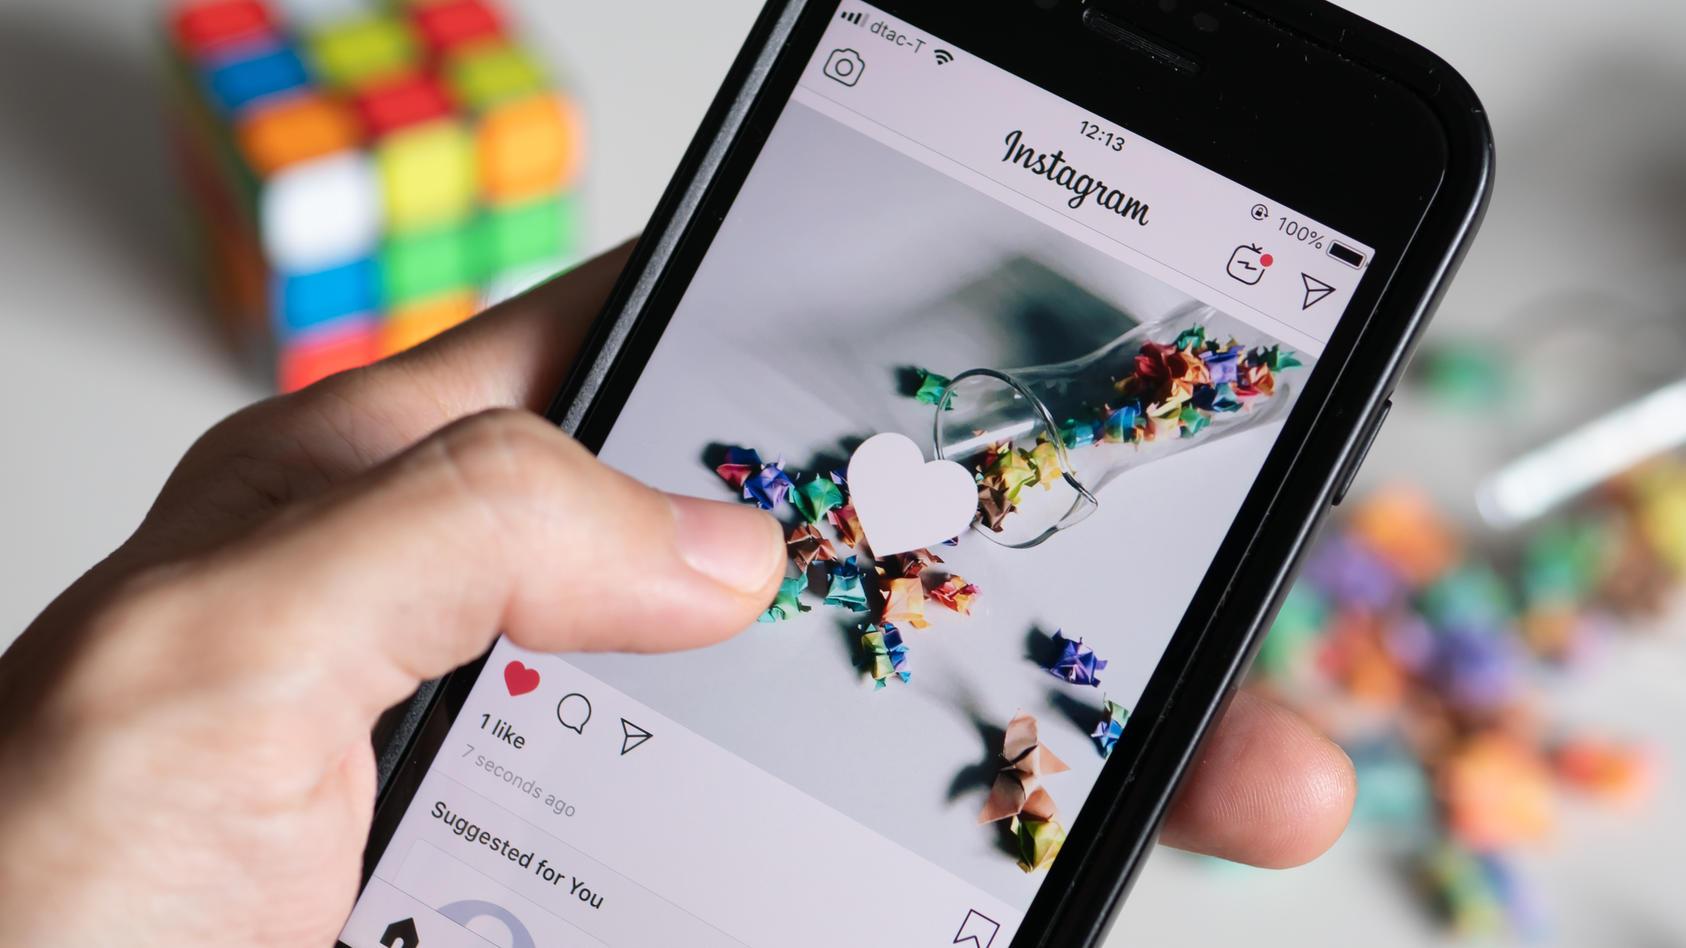 instagram abschaffen